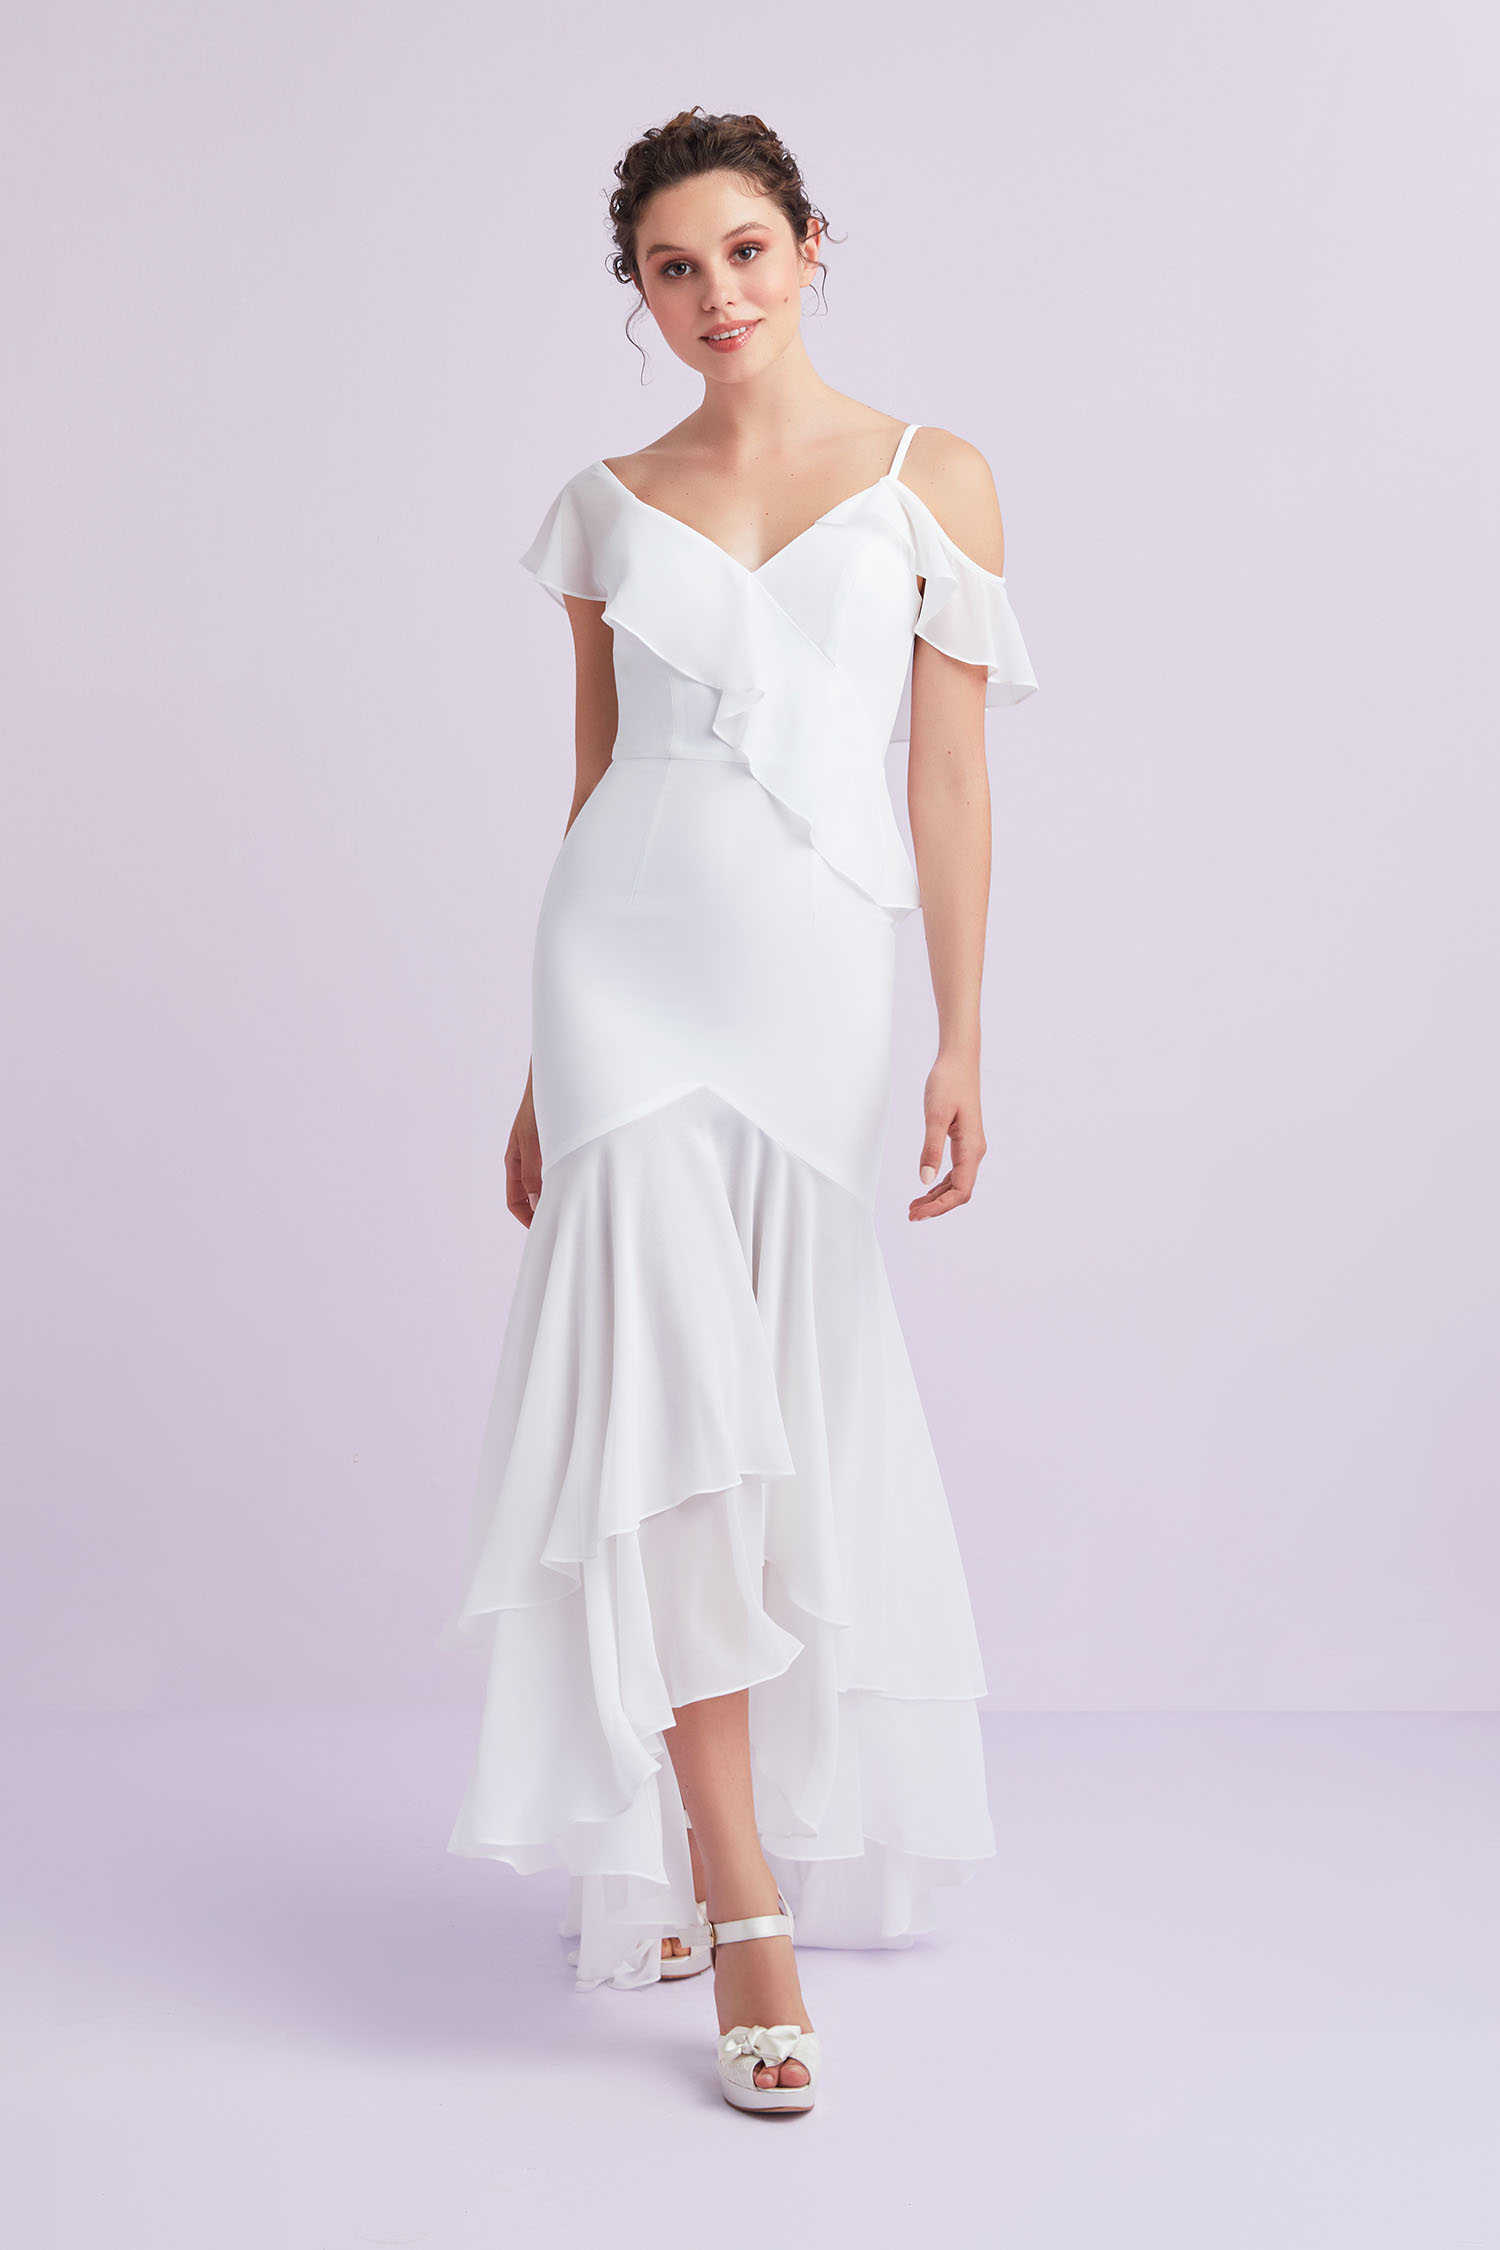 Beyaz Askılı Önü Kısa Arkası Uzun Şifon Büyük Beden Nikah Elbisesi - Thumbnail